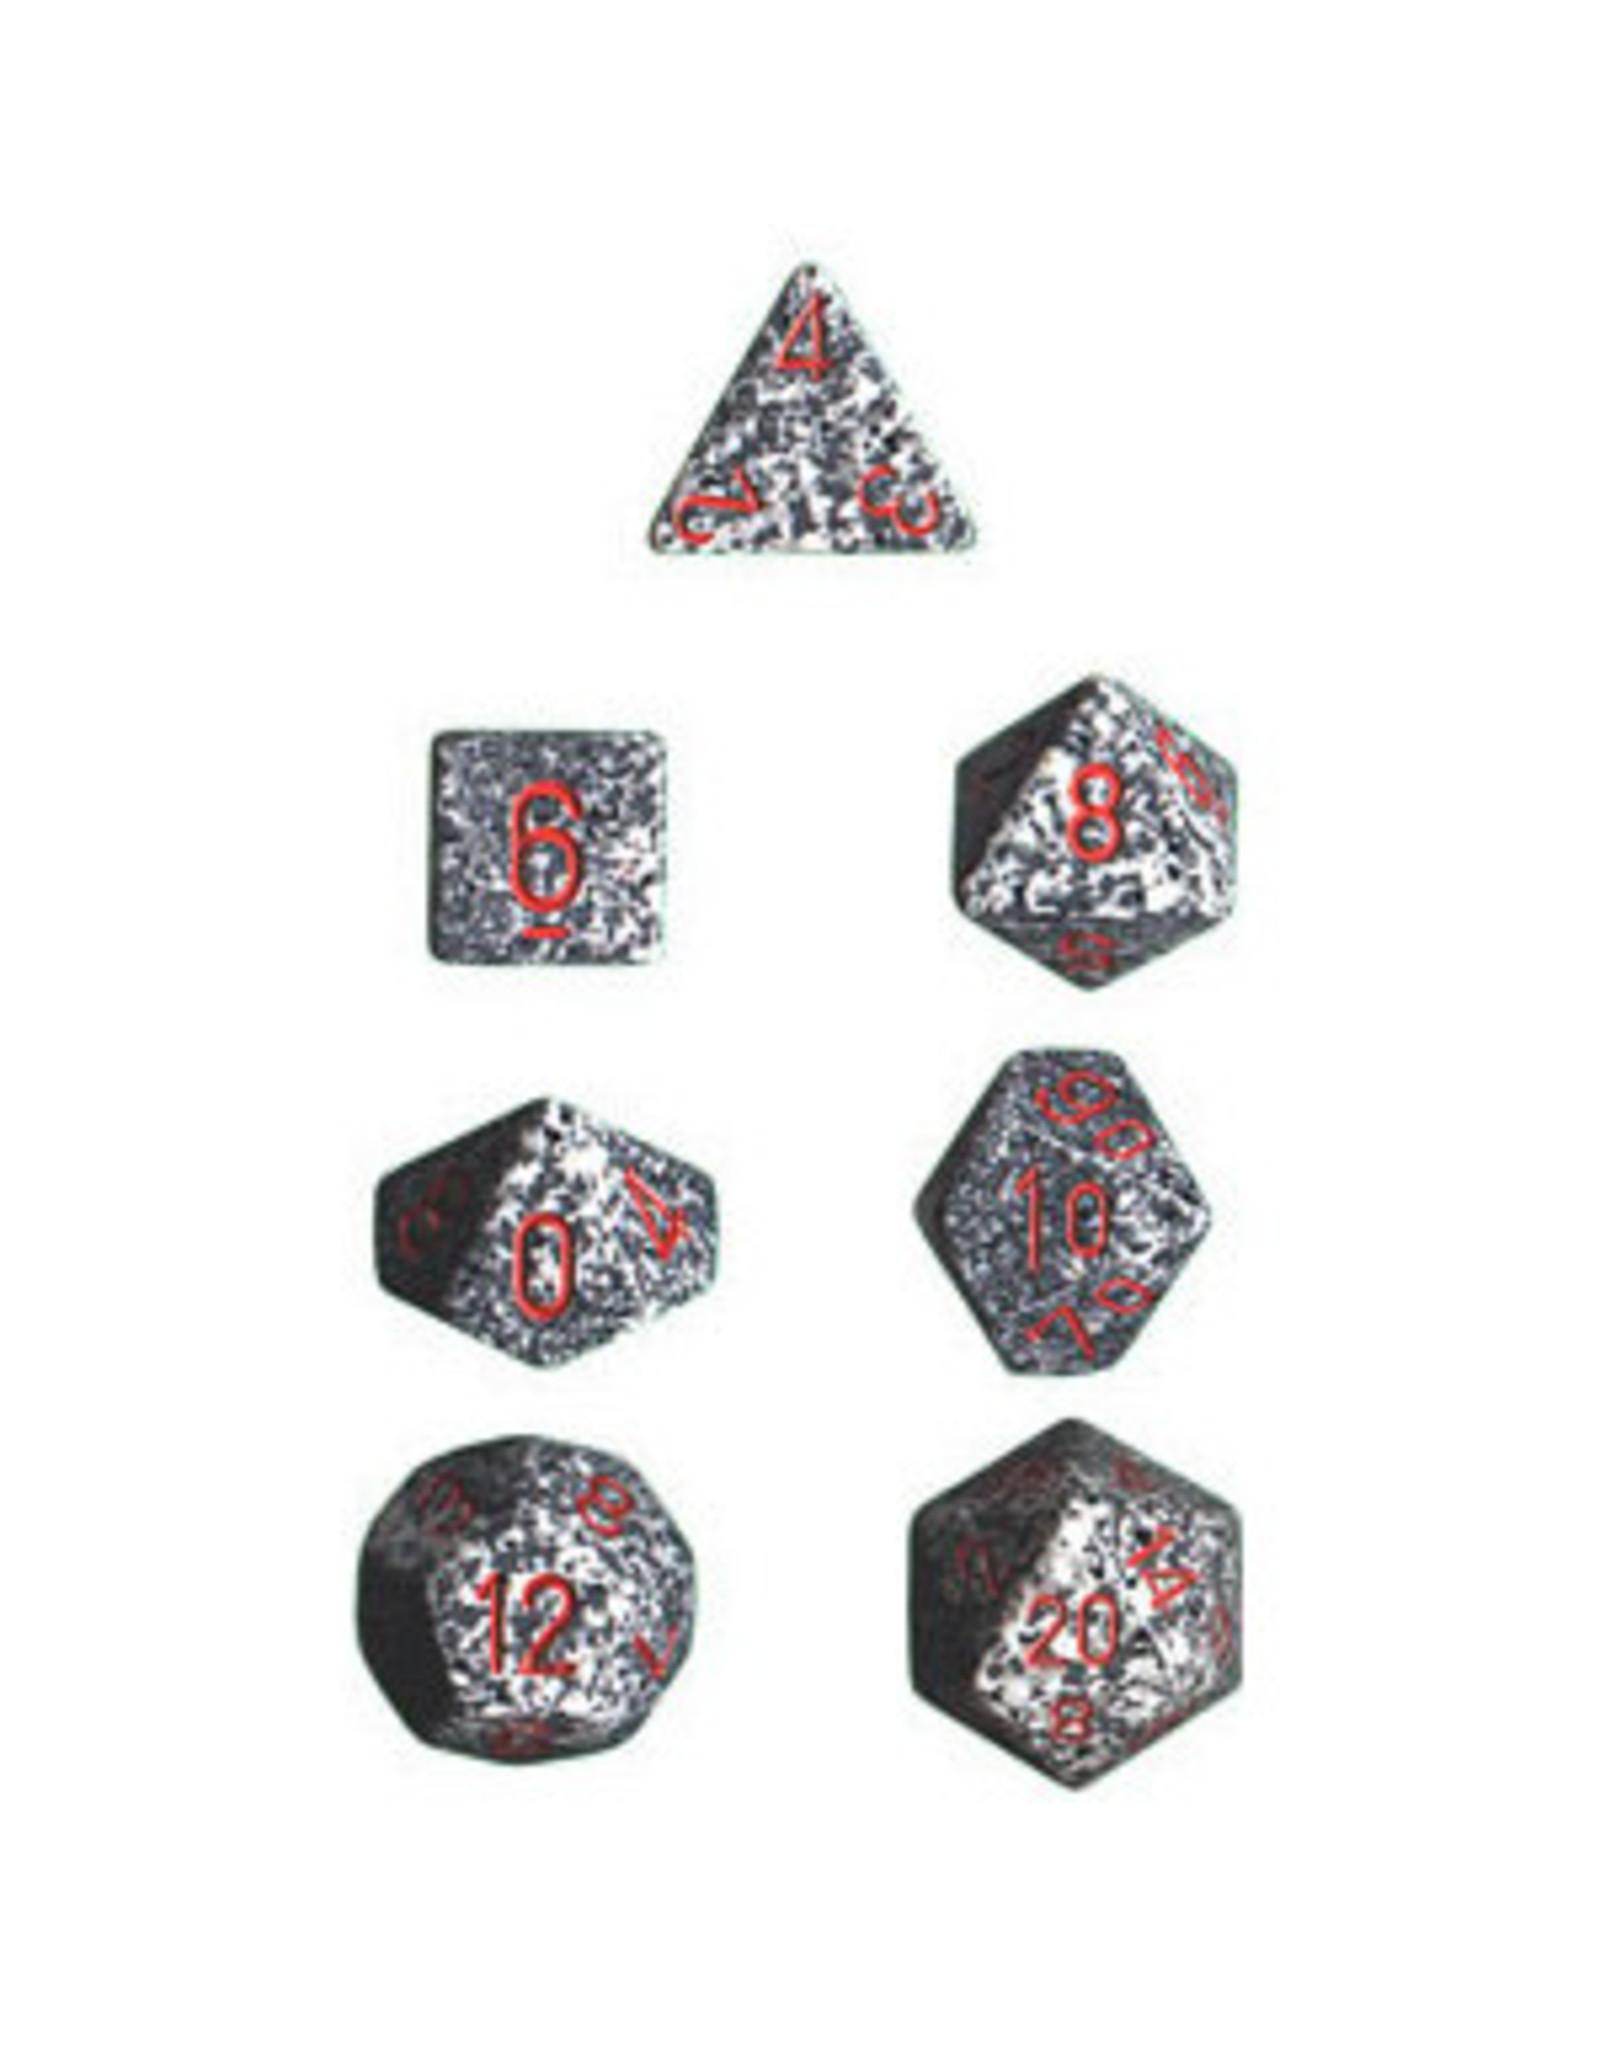 Chessex Granite